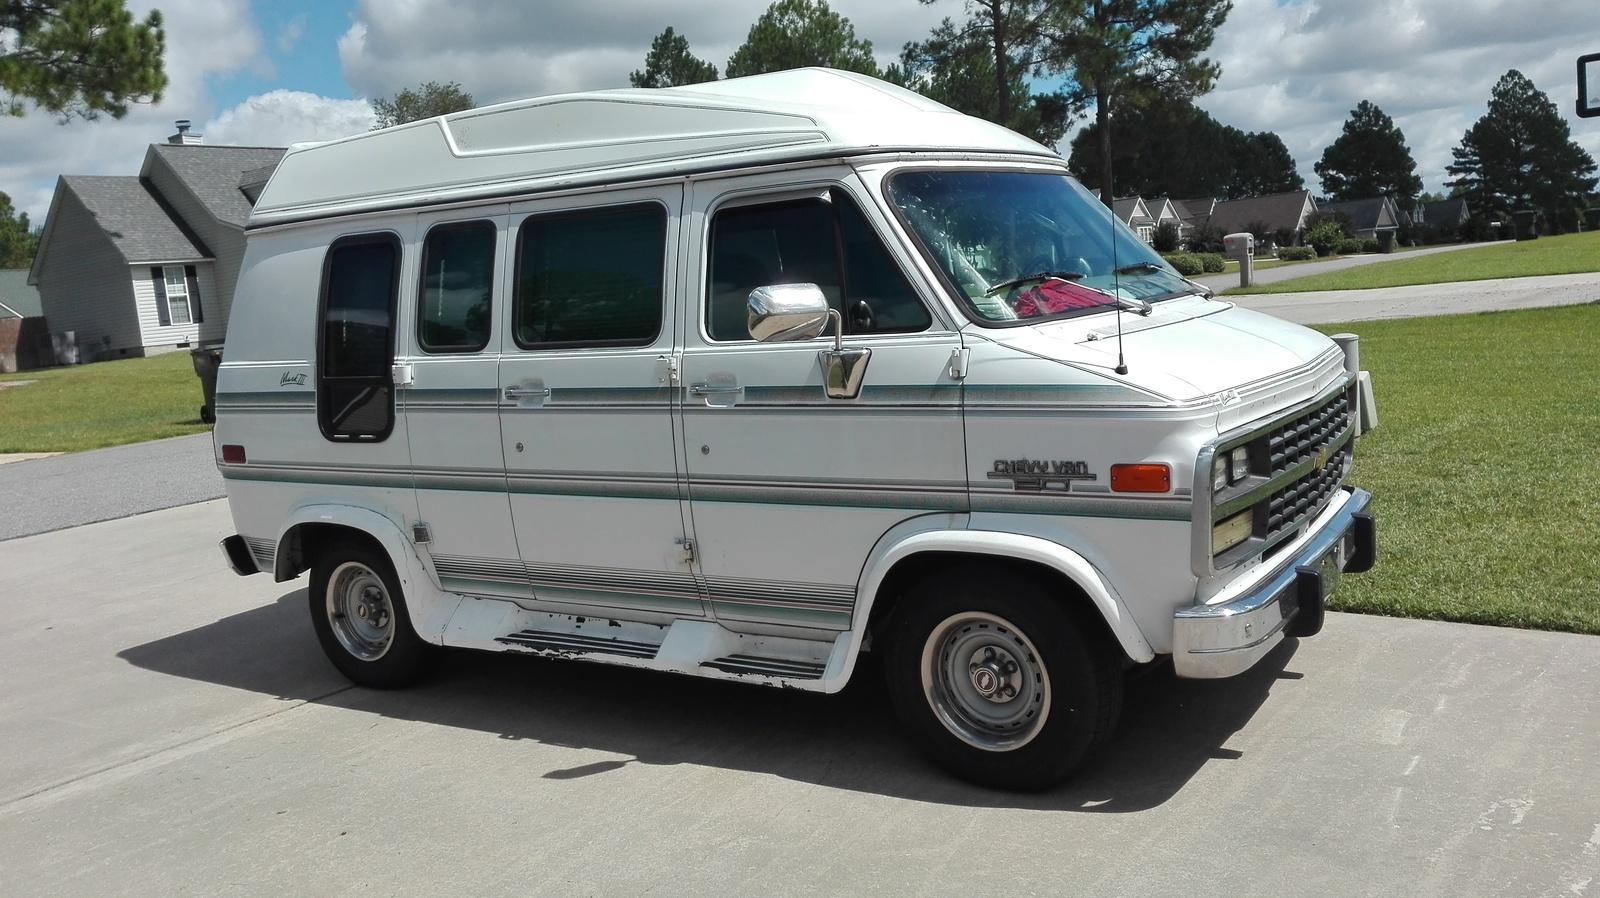 1993 Chevrolet Chevy Van - Overview